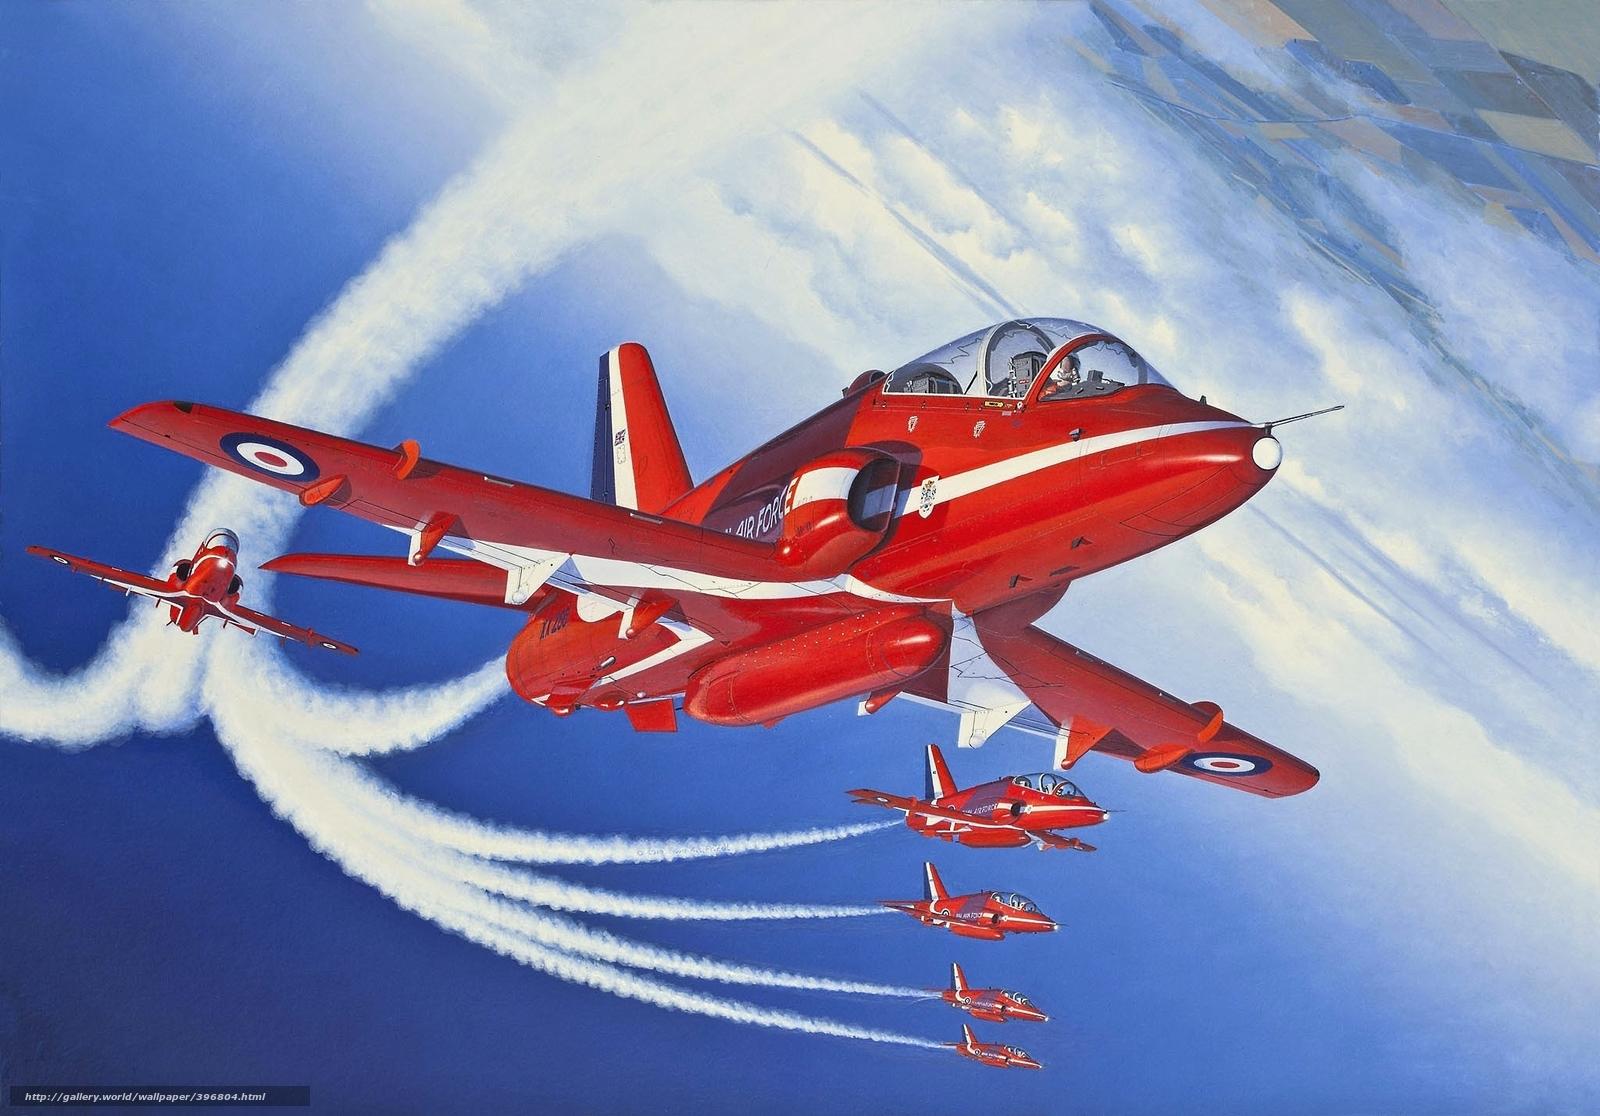 Скачать обои рисунок,  учебно-тренировочный,  самолет,  красные стрелы бесплатно для рабочего стола в разрешении 2048x1428 — картинка №396804